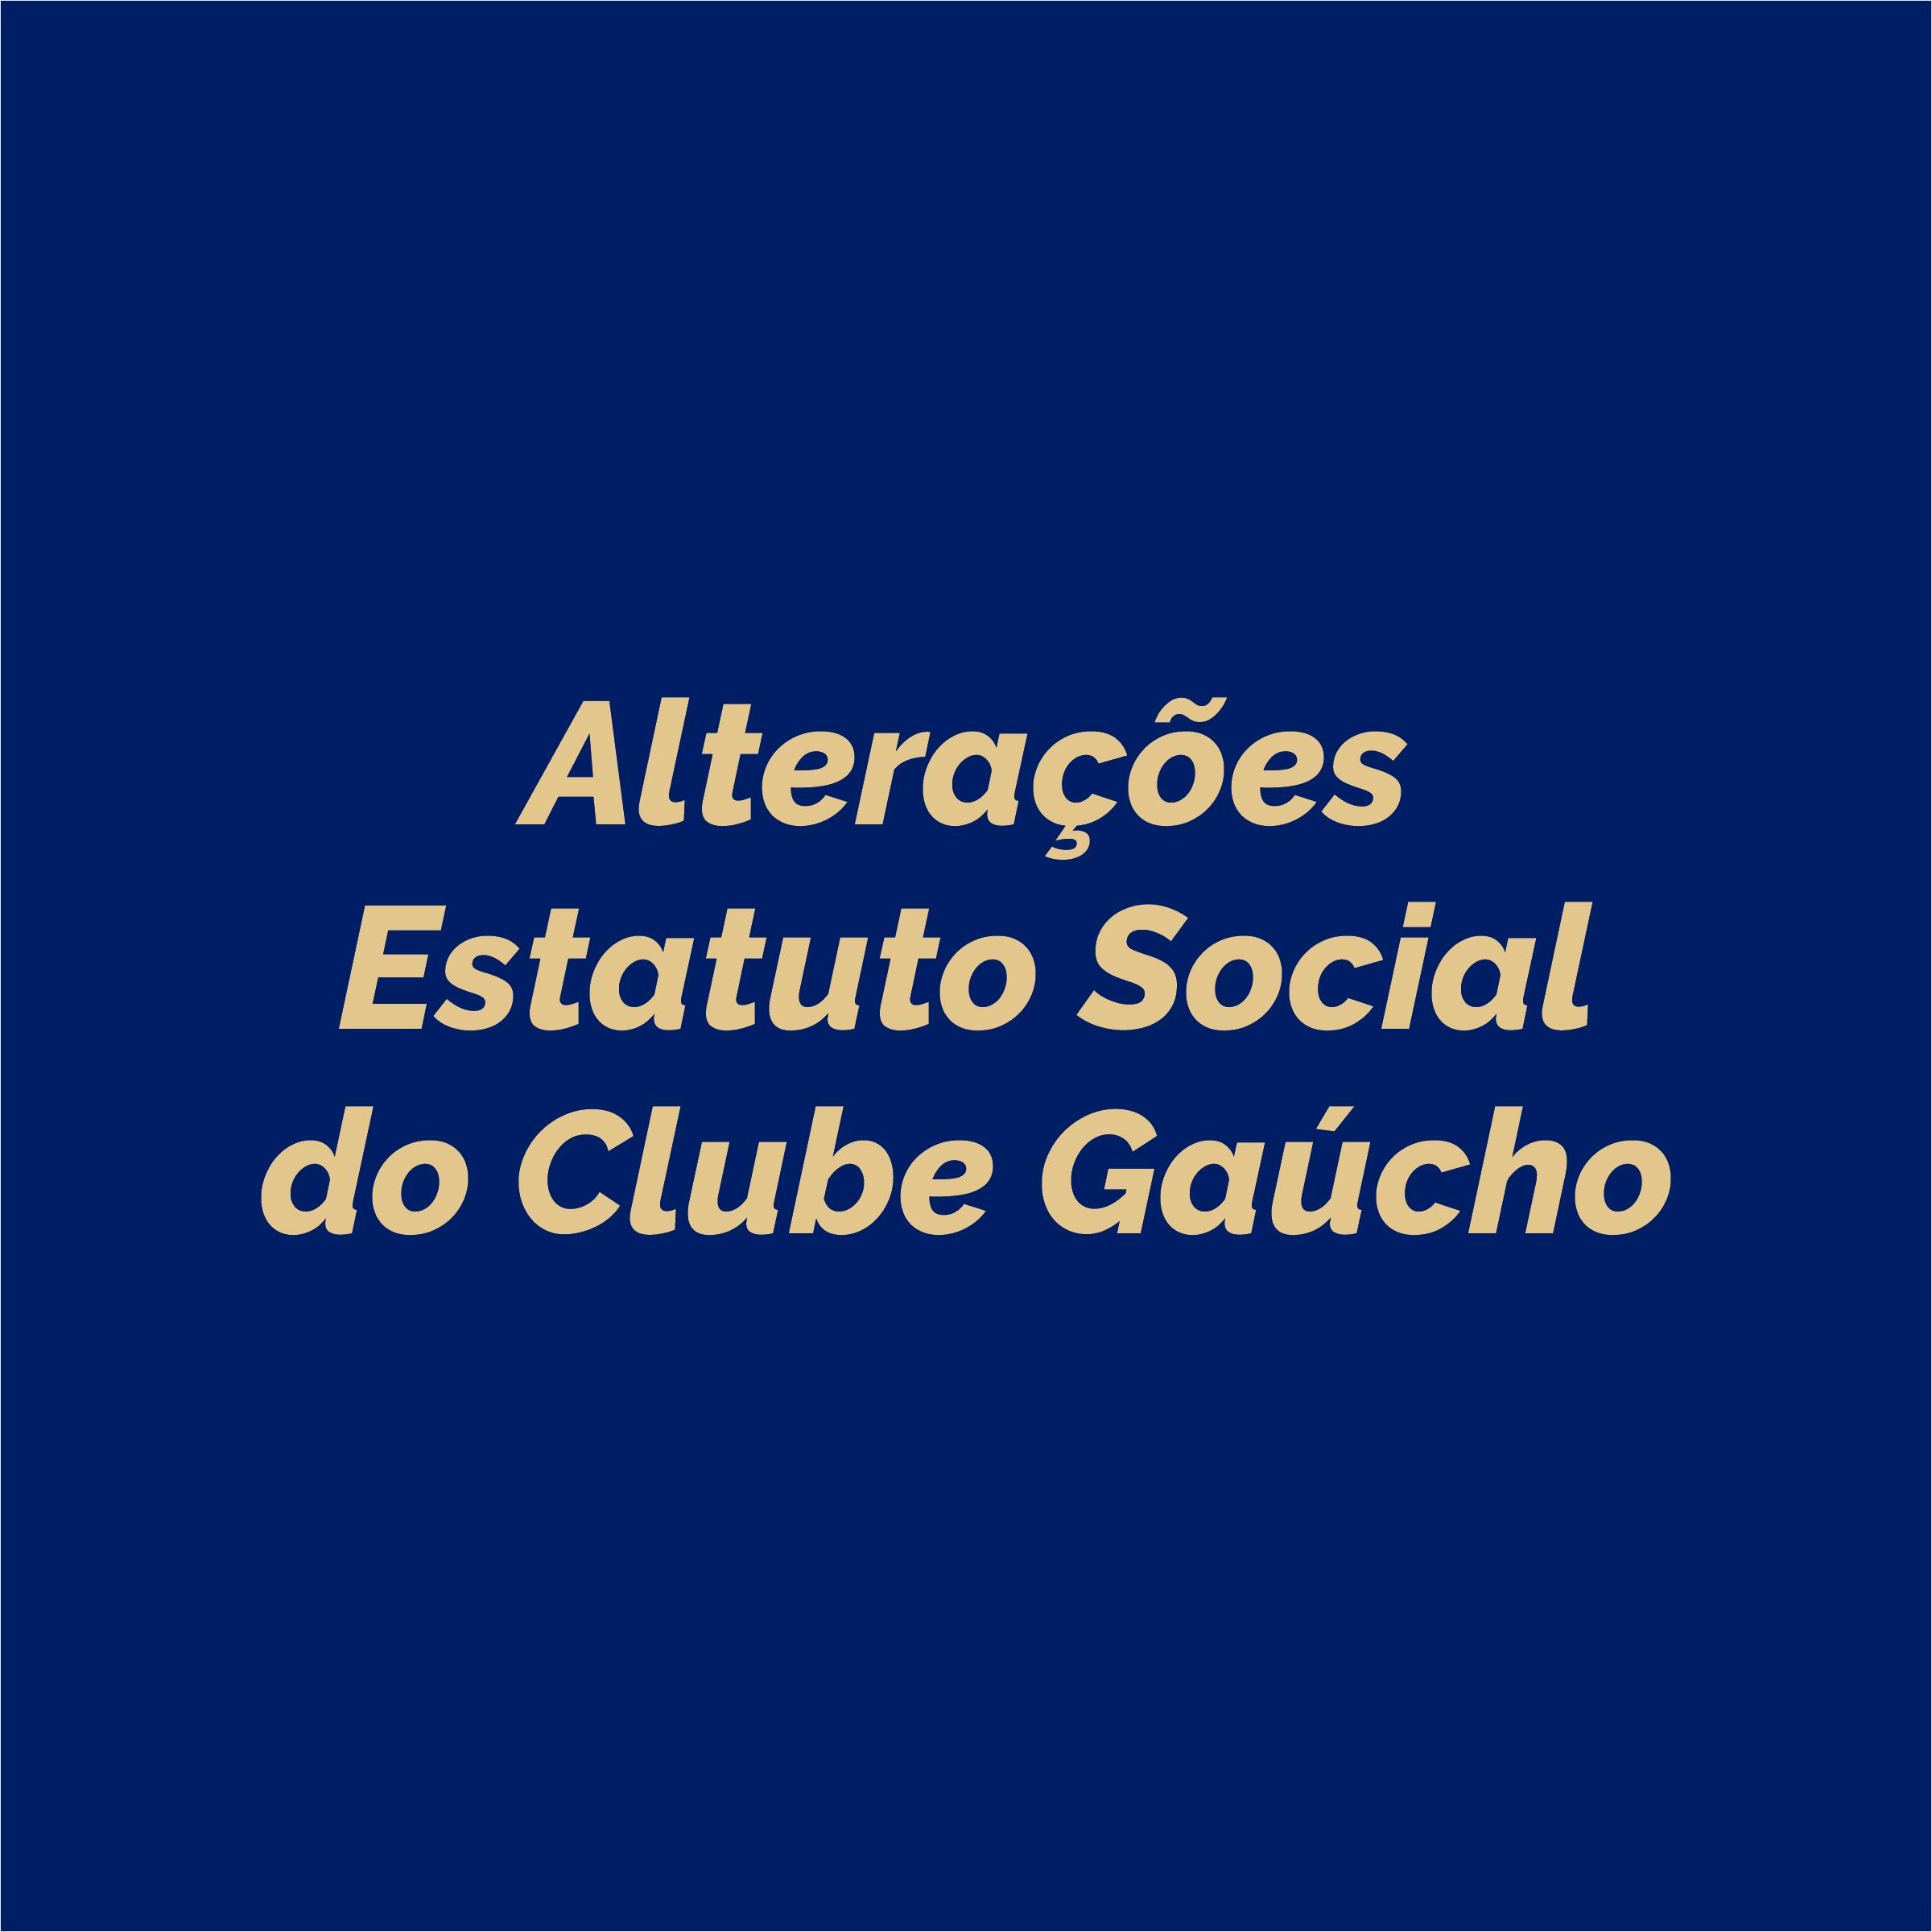 Alterações Estatuto Social do CG